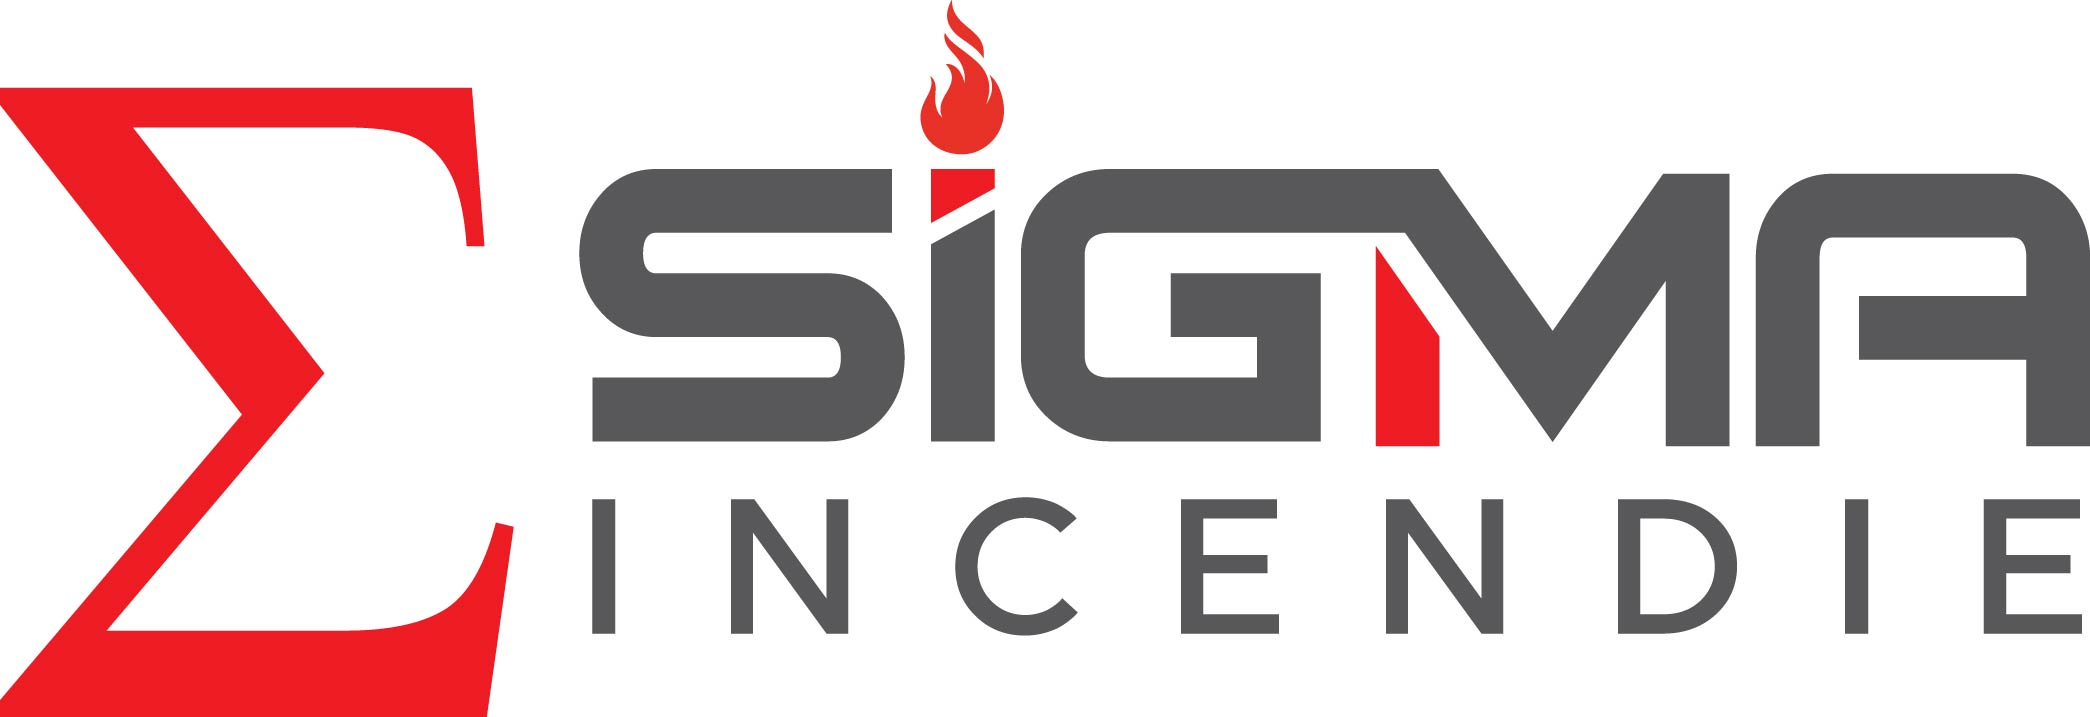 Sigma Incendie – Prévention Incendie & Coordinateur SSI – Responsable Unique de Sécurité (RUS)